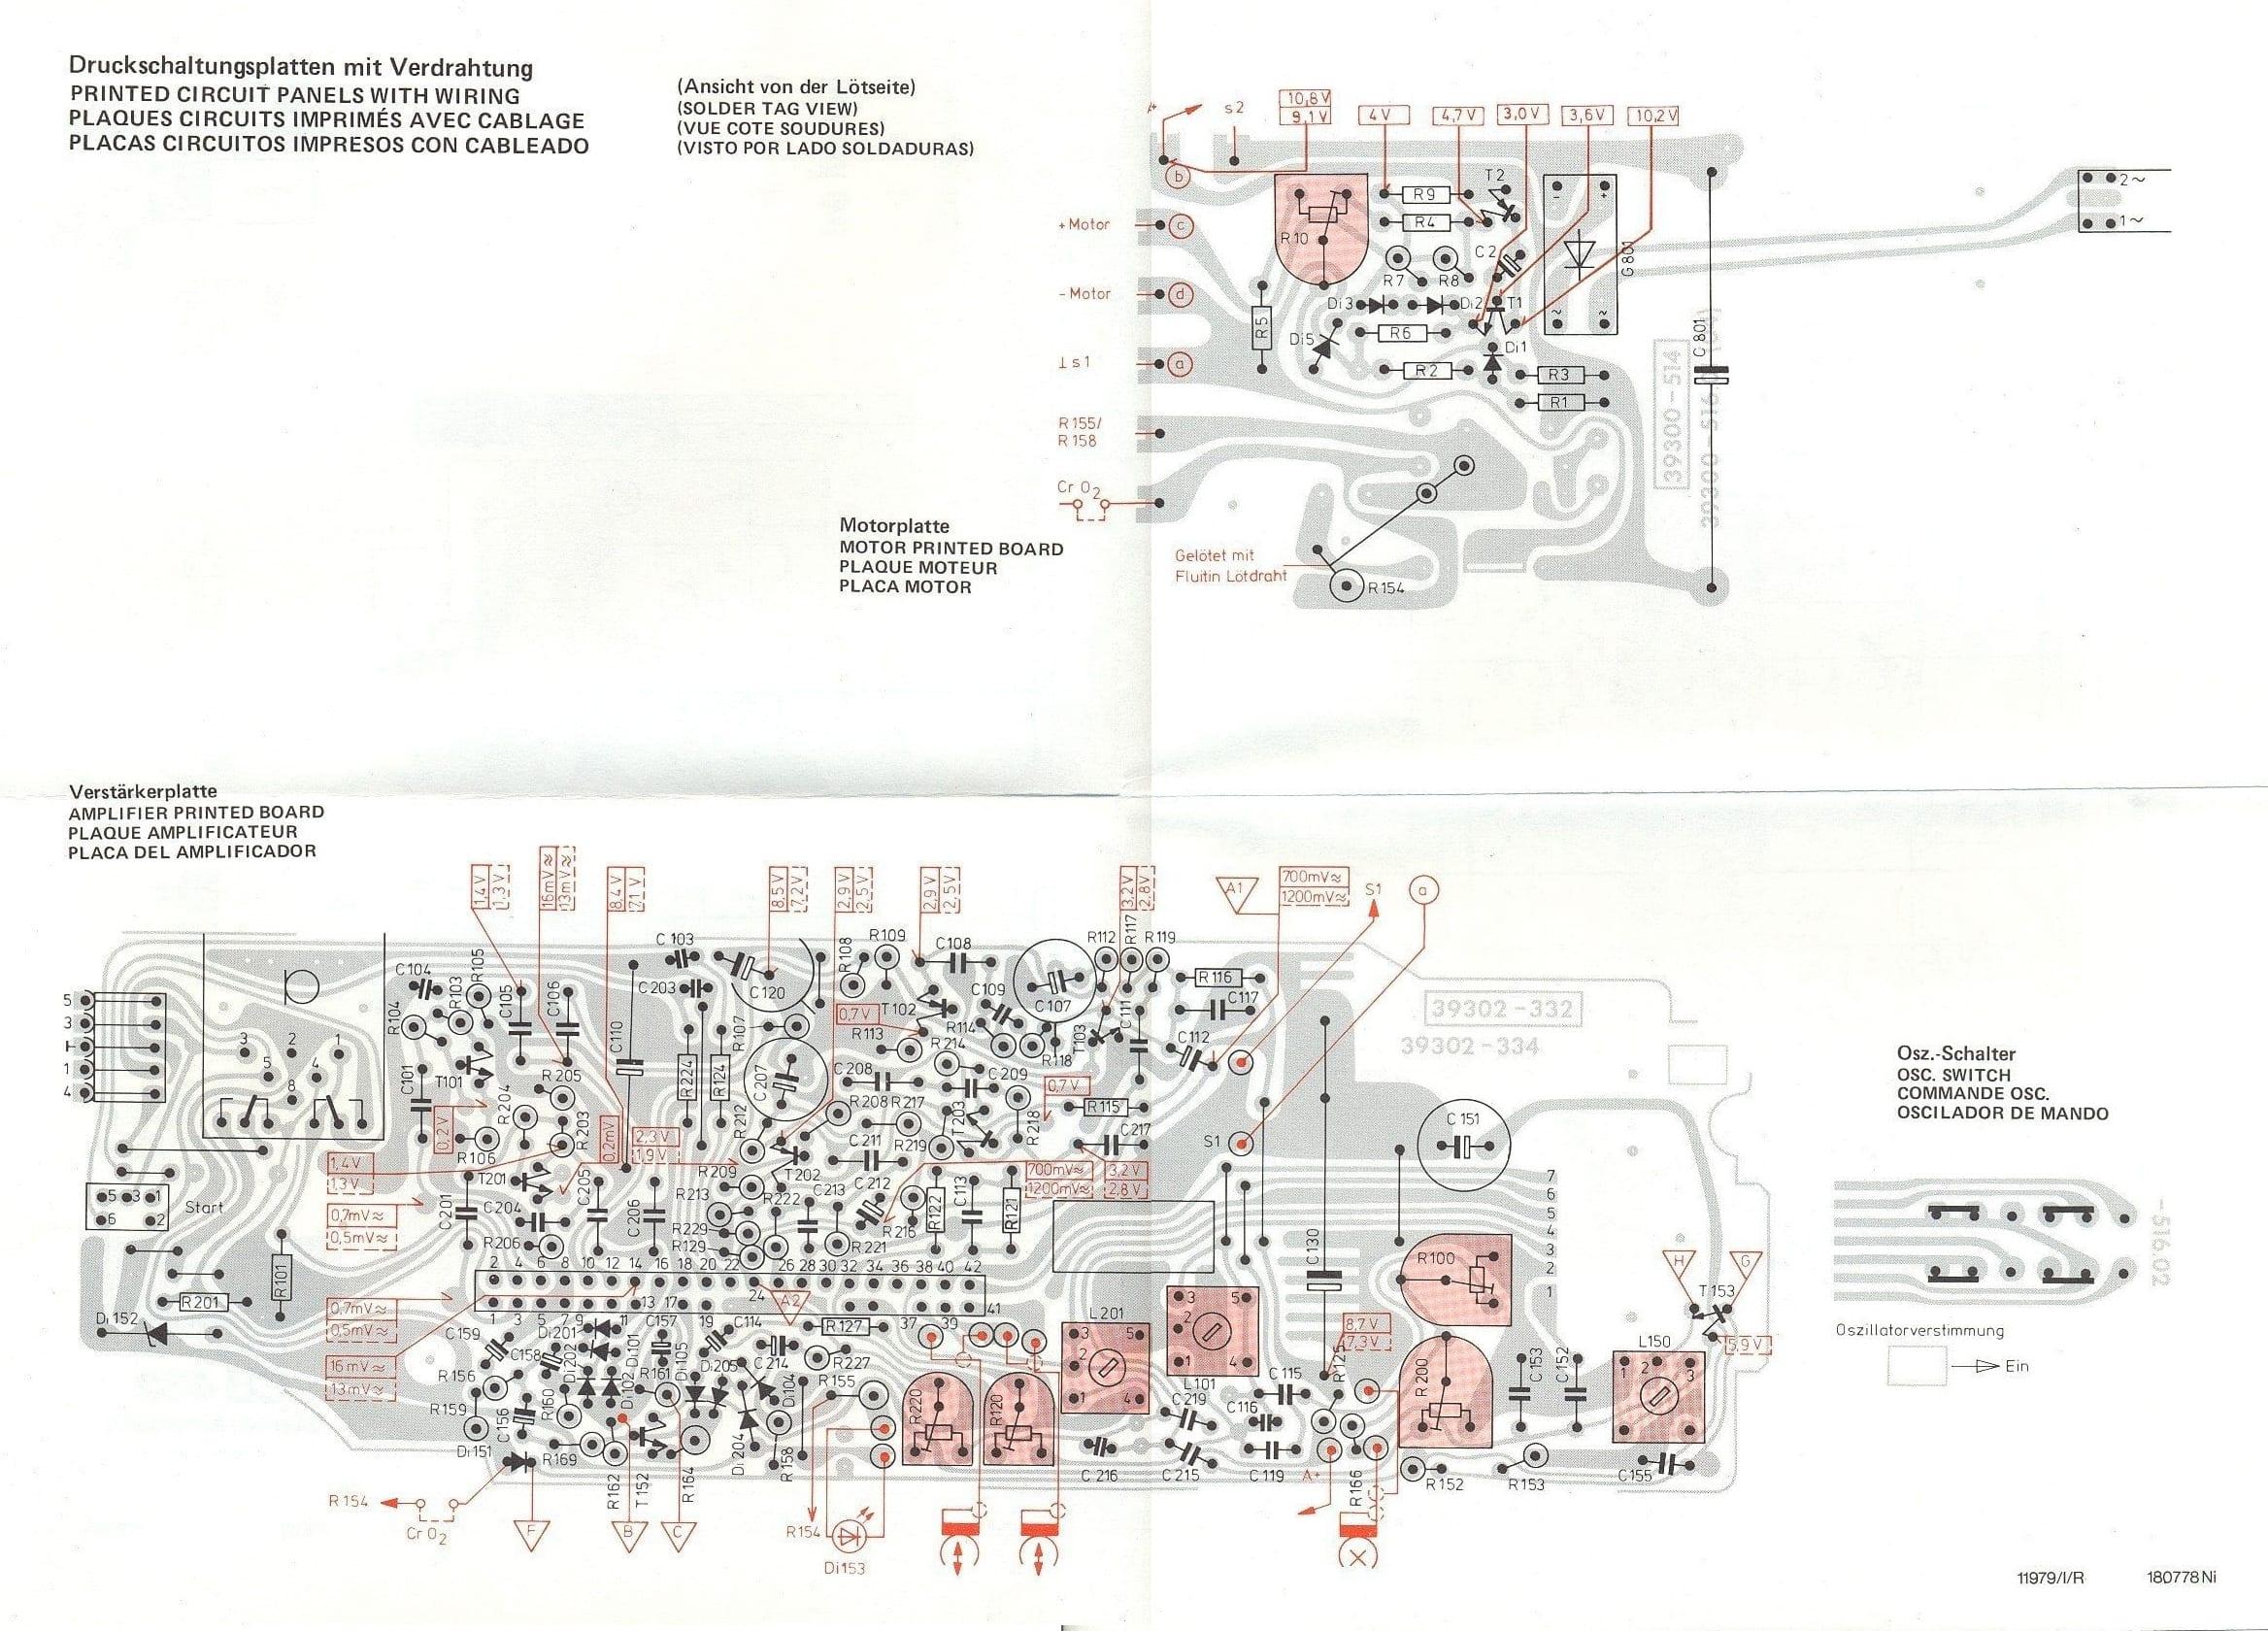 Grundig Studio 3010 - Esquema placa principal ensamblado